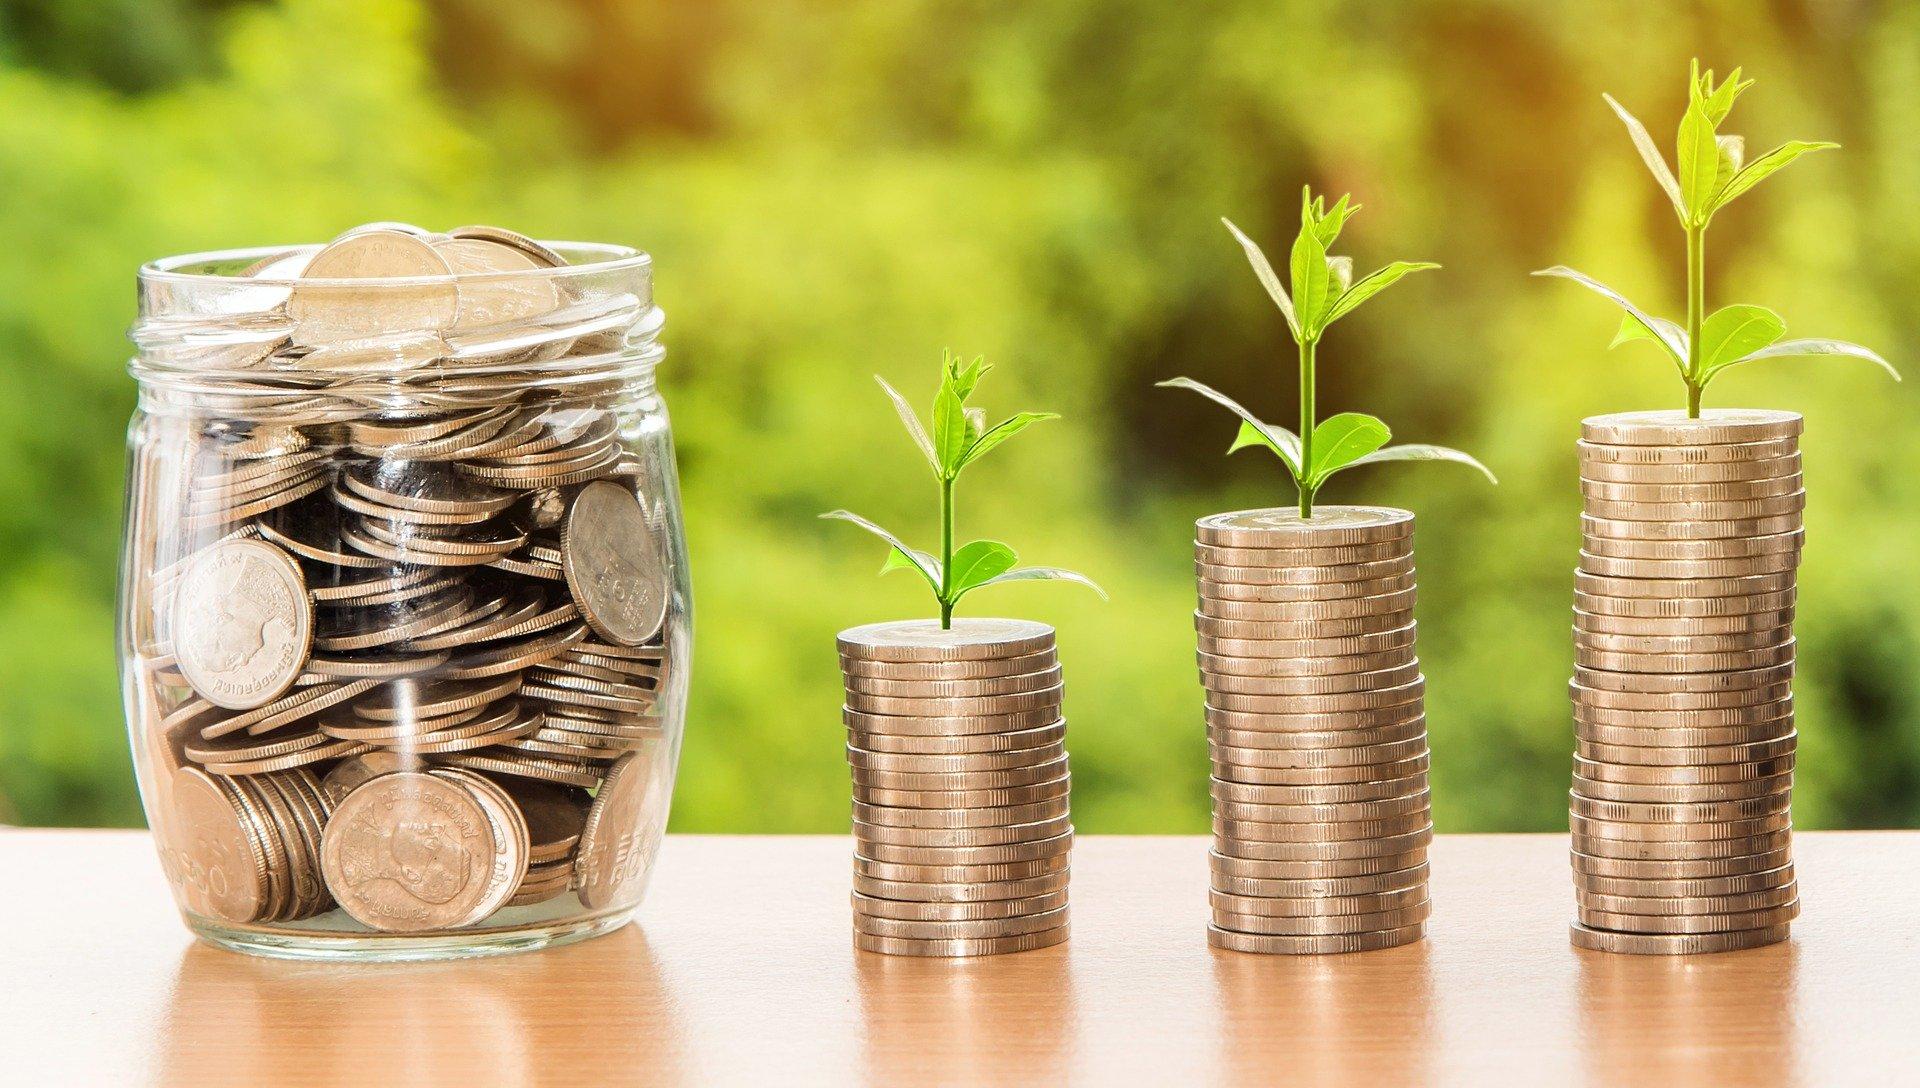 6 consideraciones previas a solicitar un microcrédito